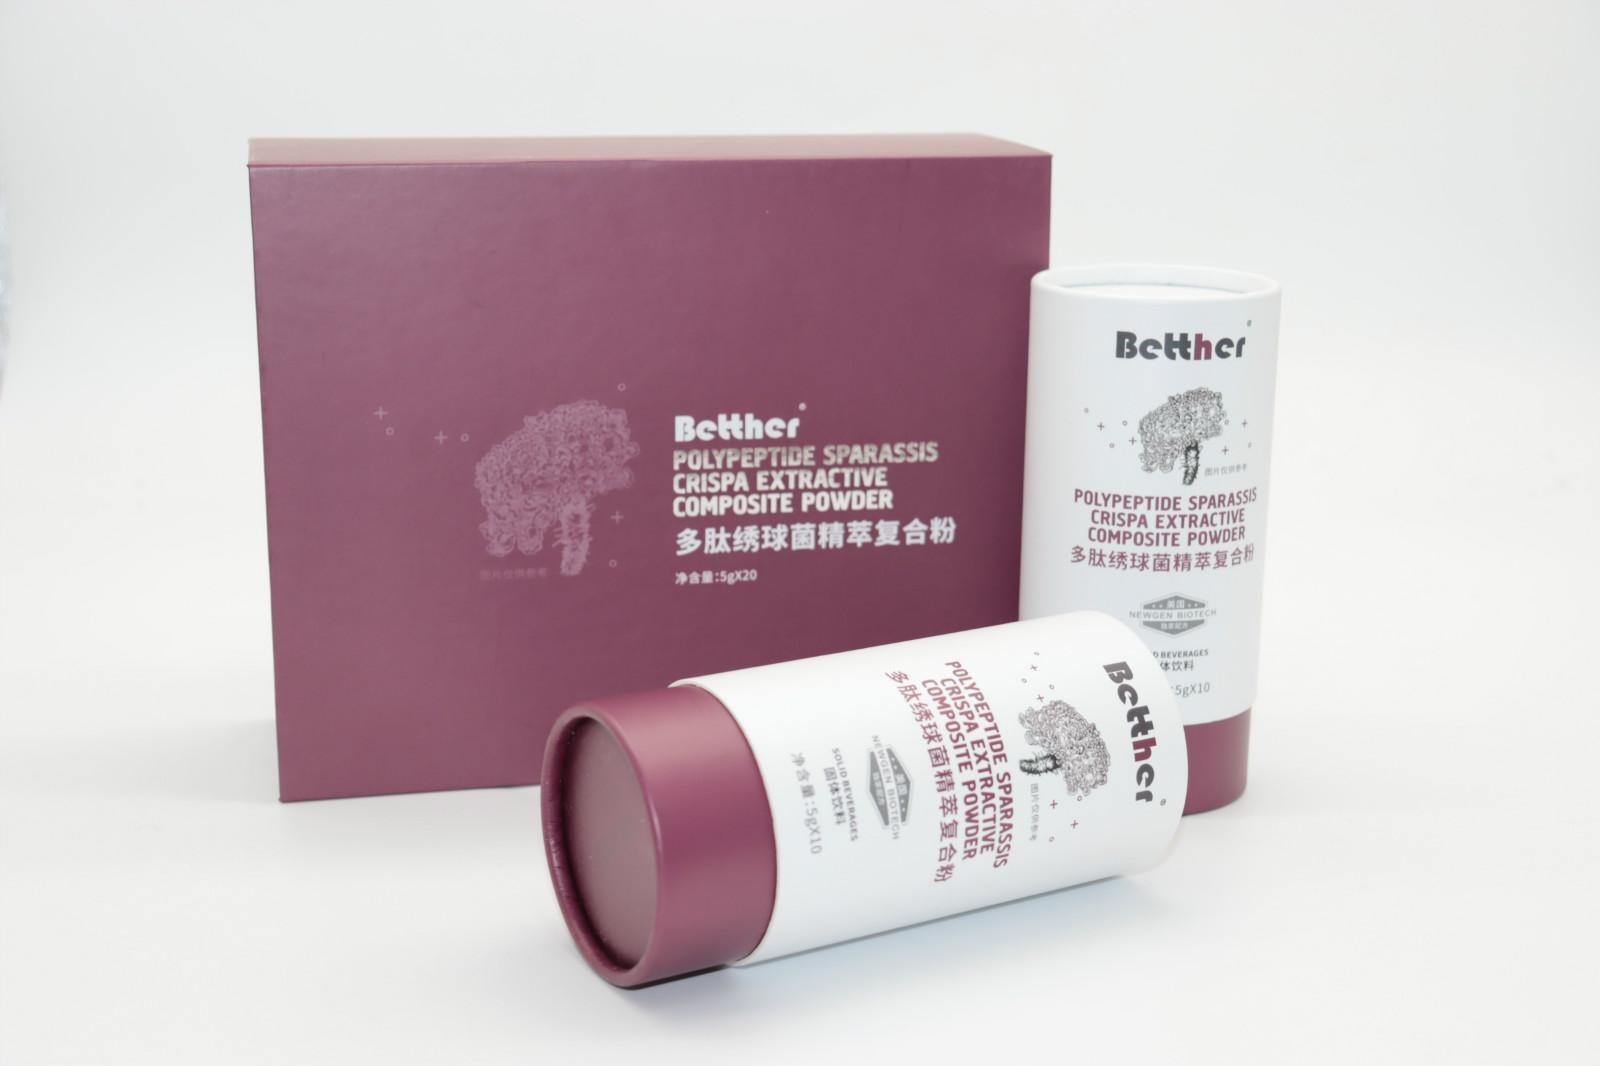 倍赫尔多肽绣球菌精萃复合粉加盟_哪里有可信赖的多肽绣球菌精萃复合粉代理